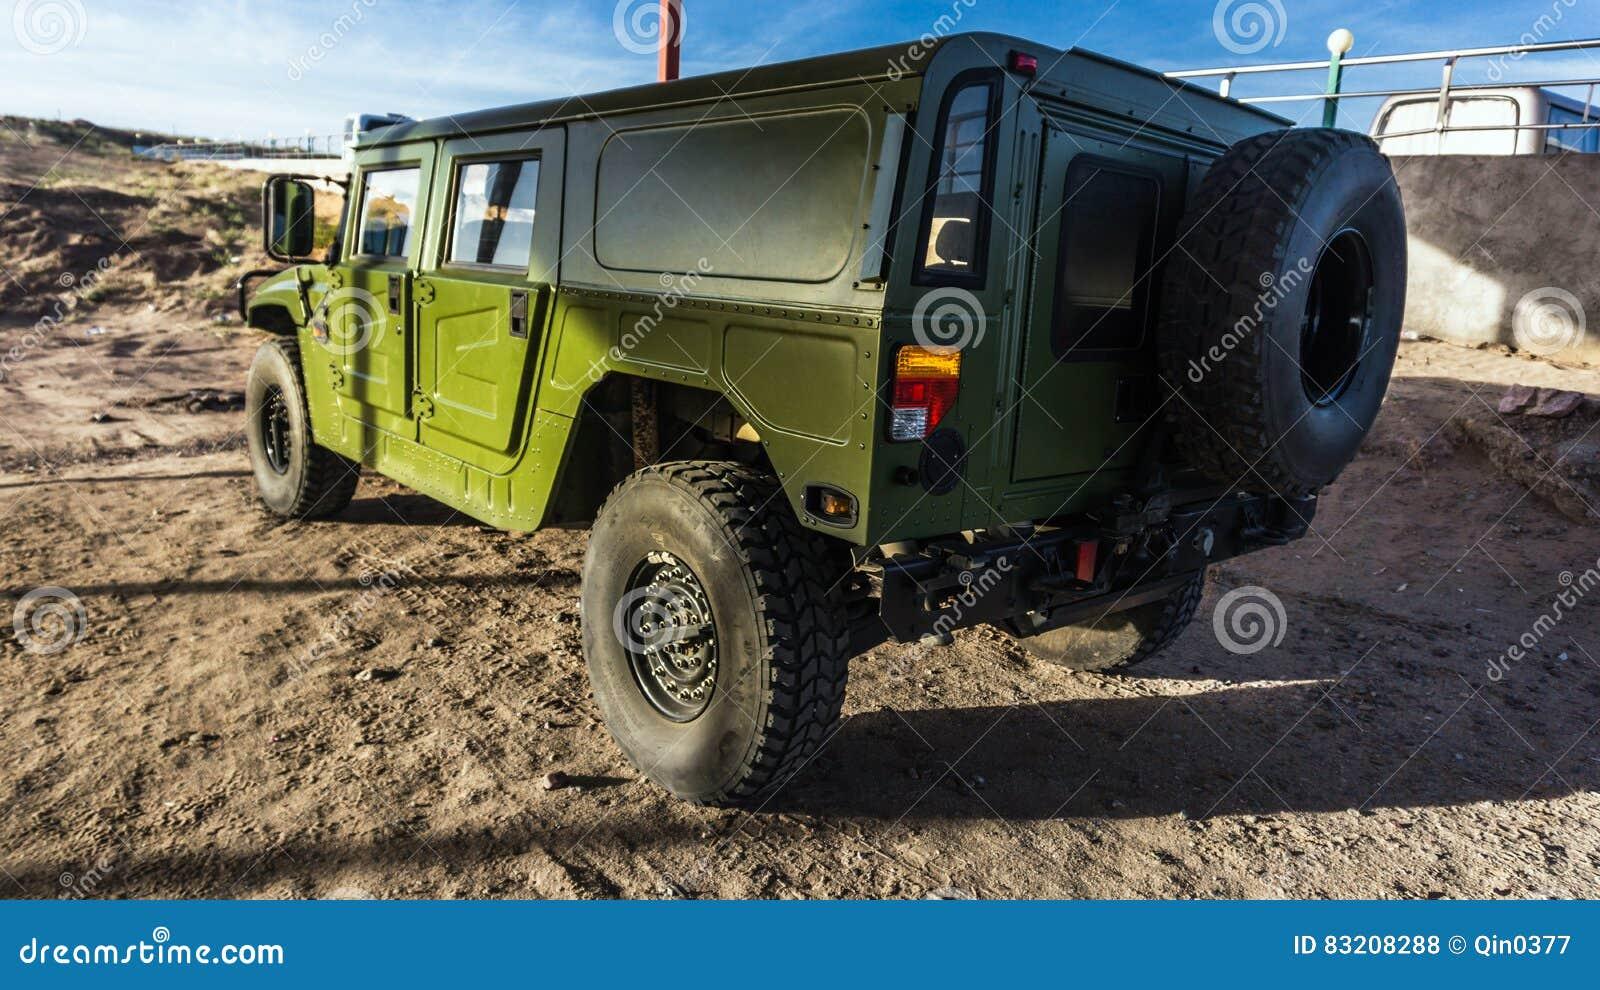 Китайские военные транспортные средства